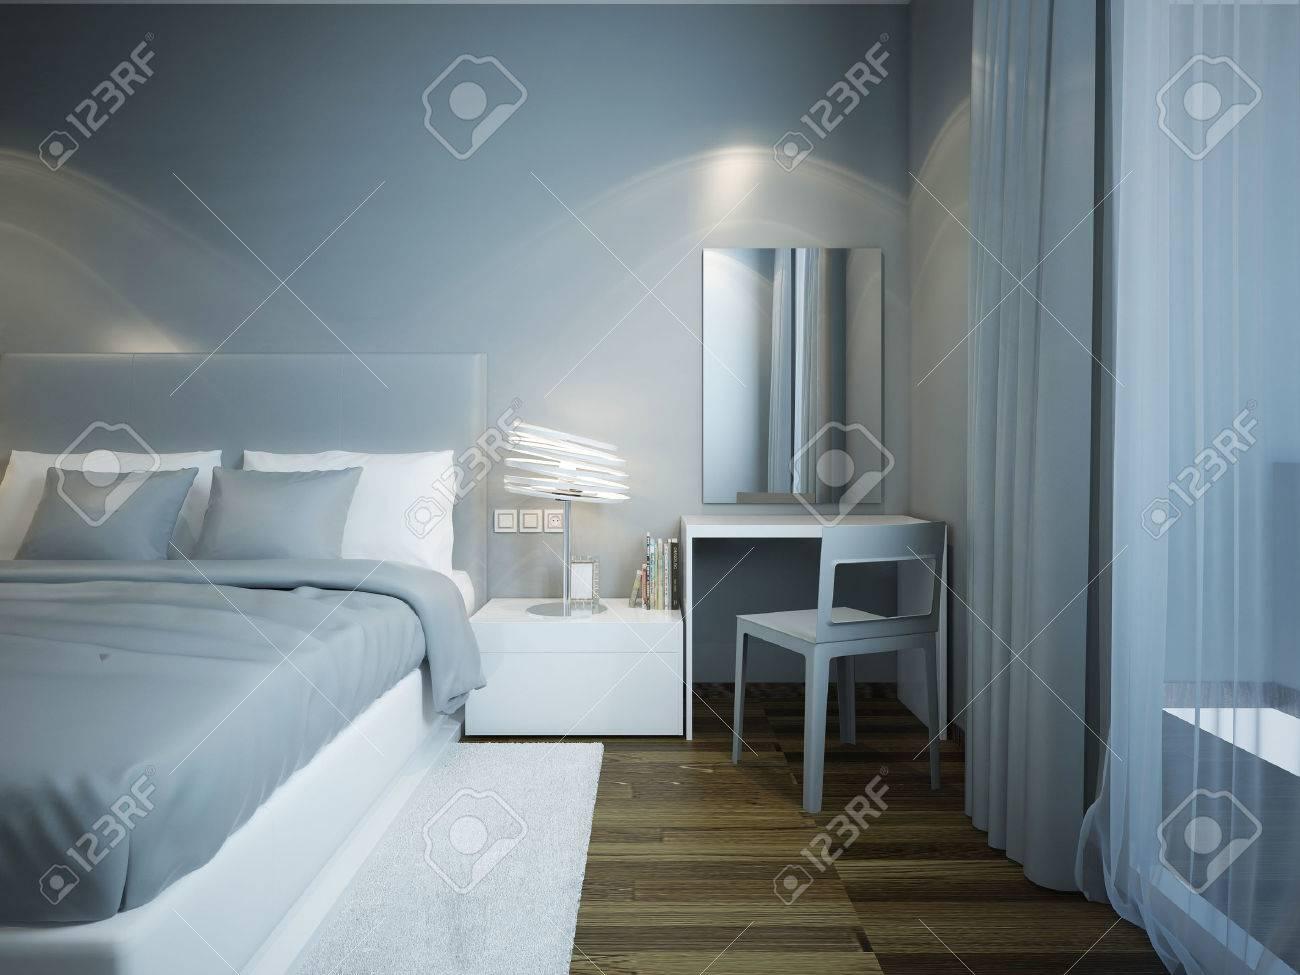 Estilo Tecno Azul Dormitorio Con Suelo De Parquet Marrón. Cama ...